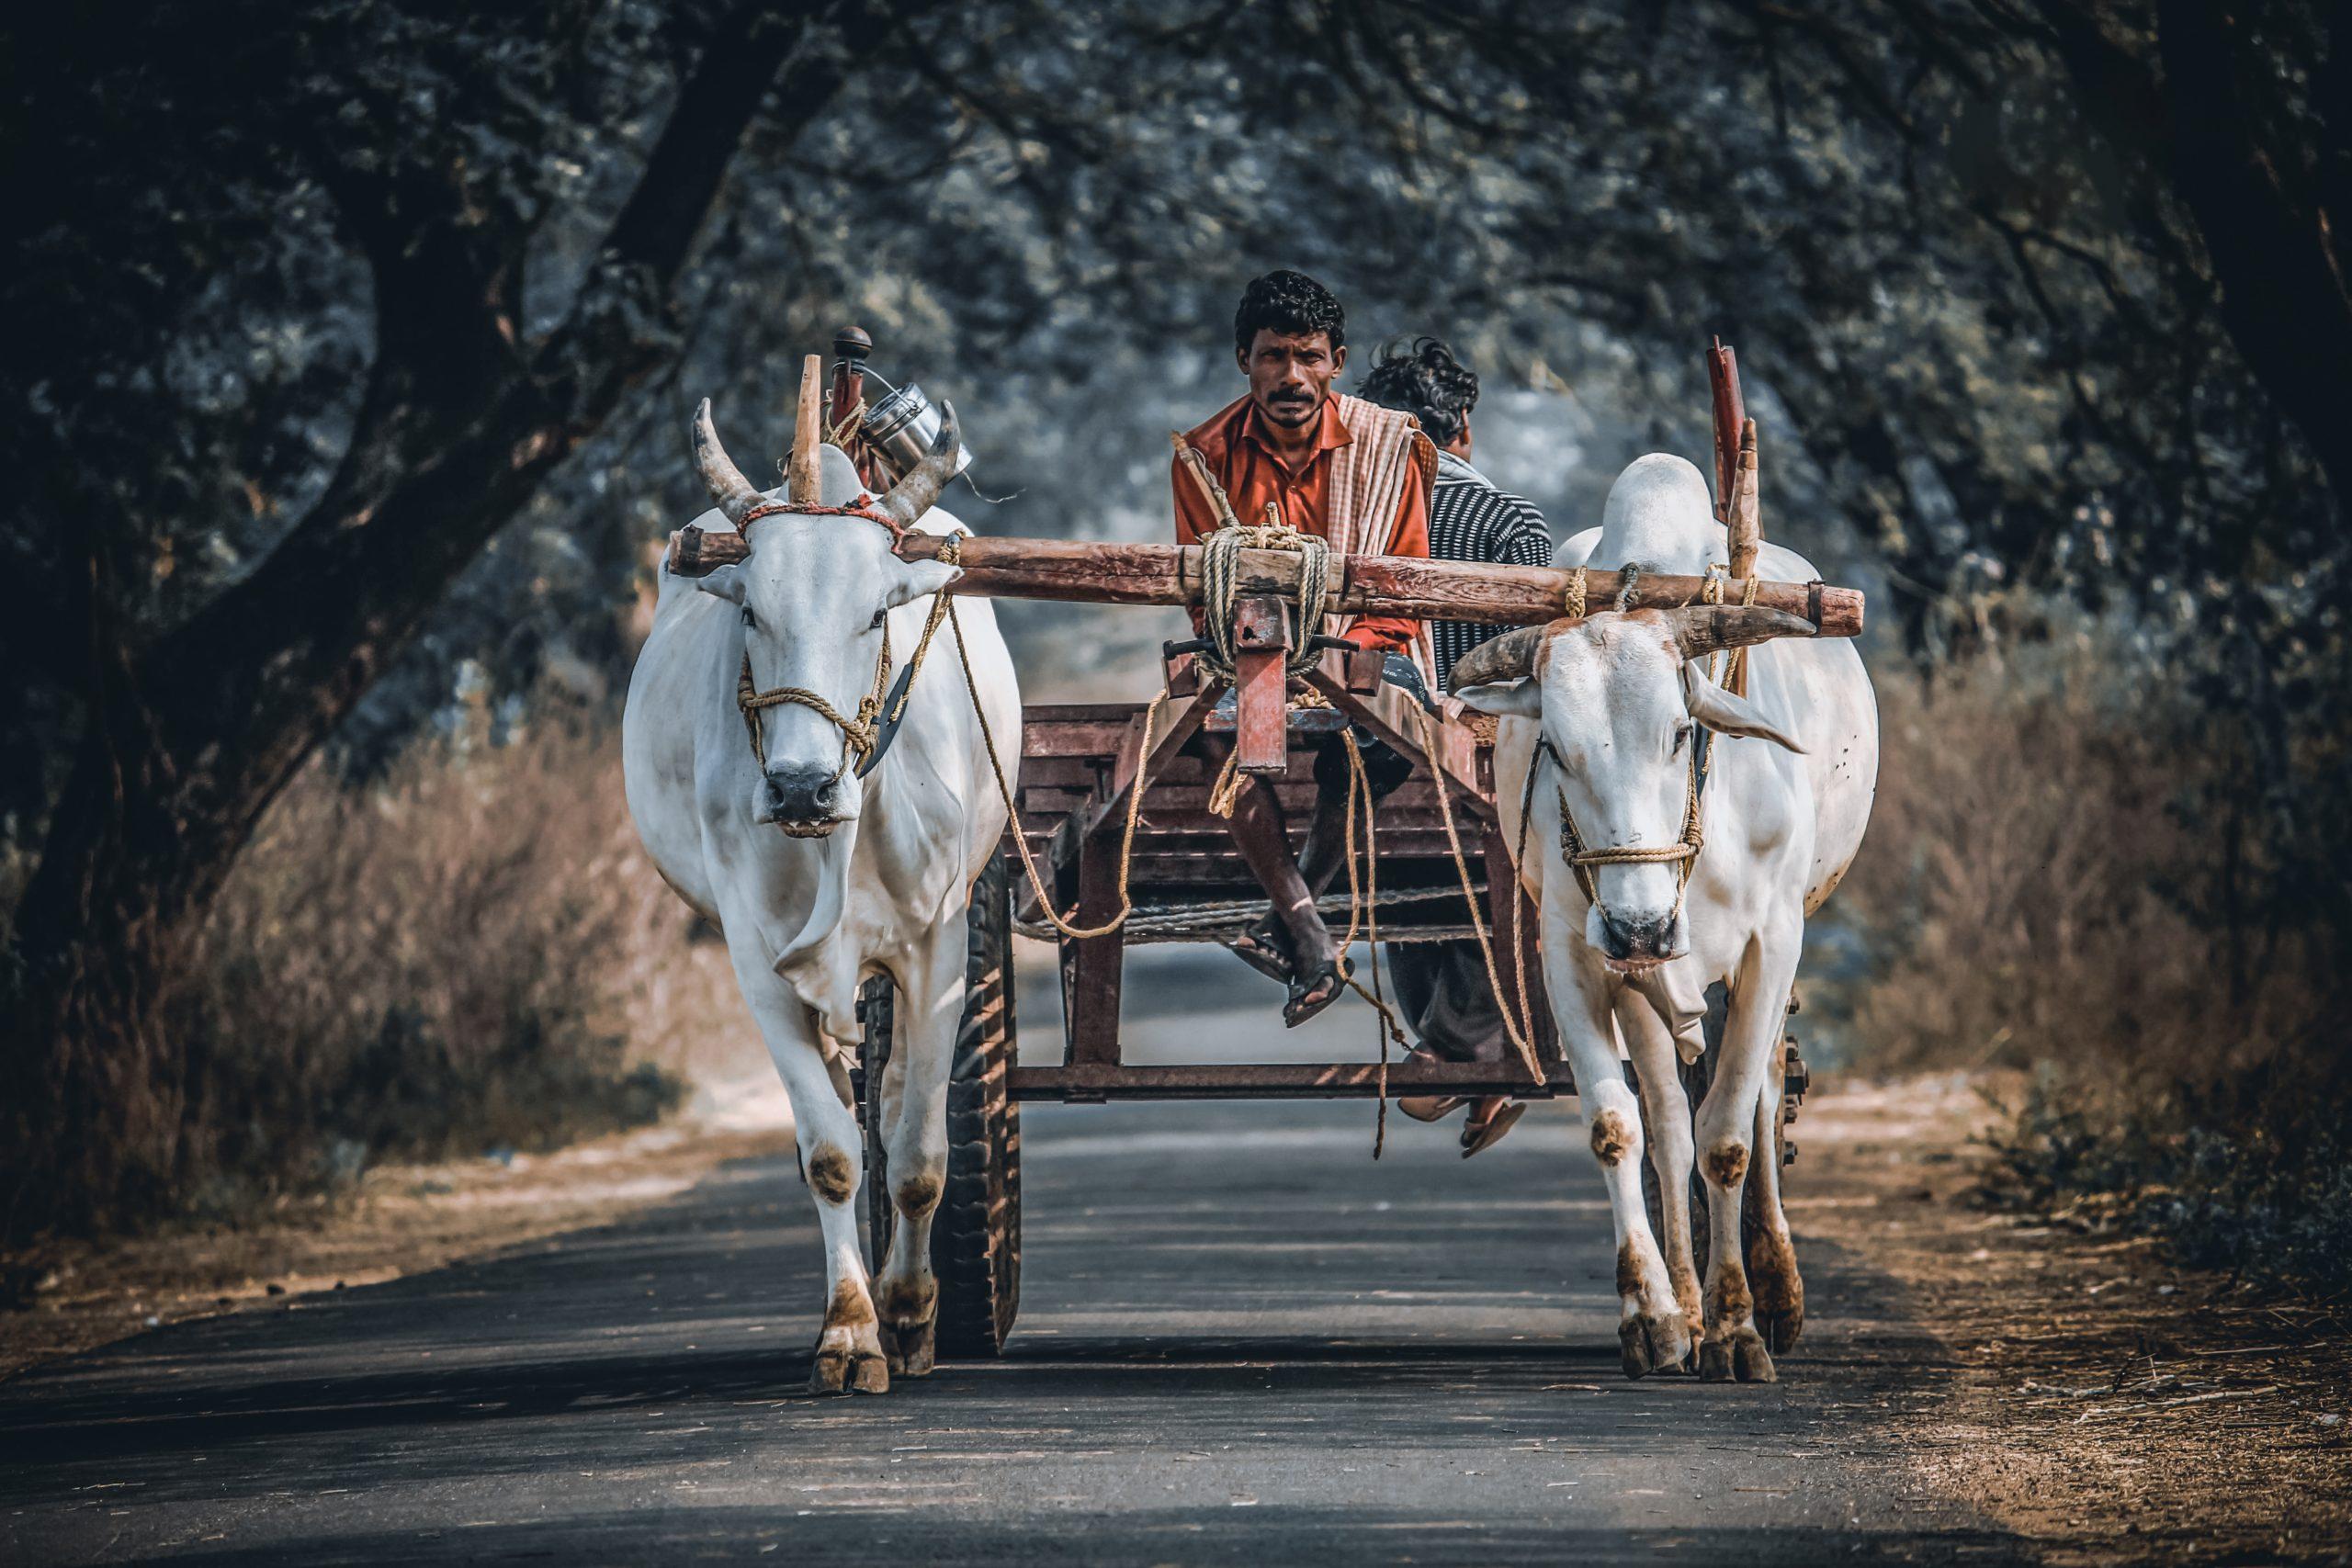 Farmer on oxcart